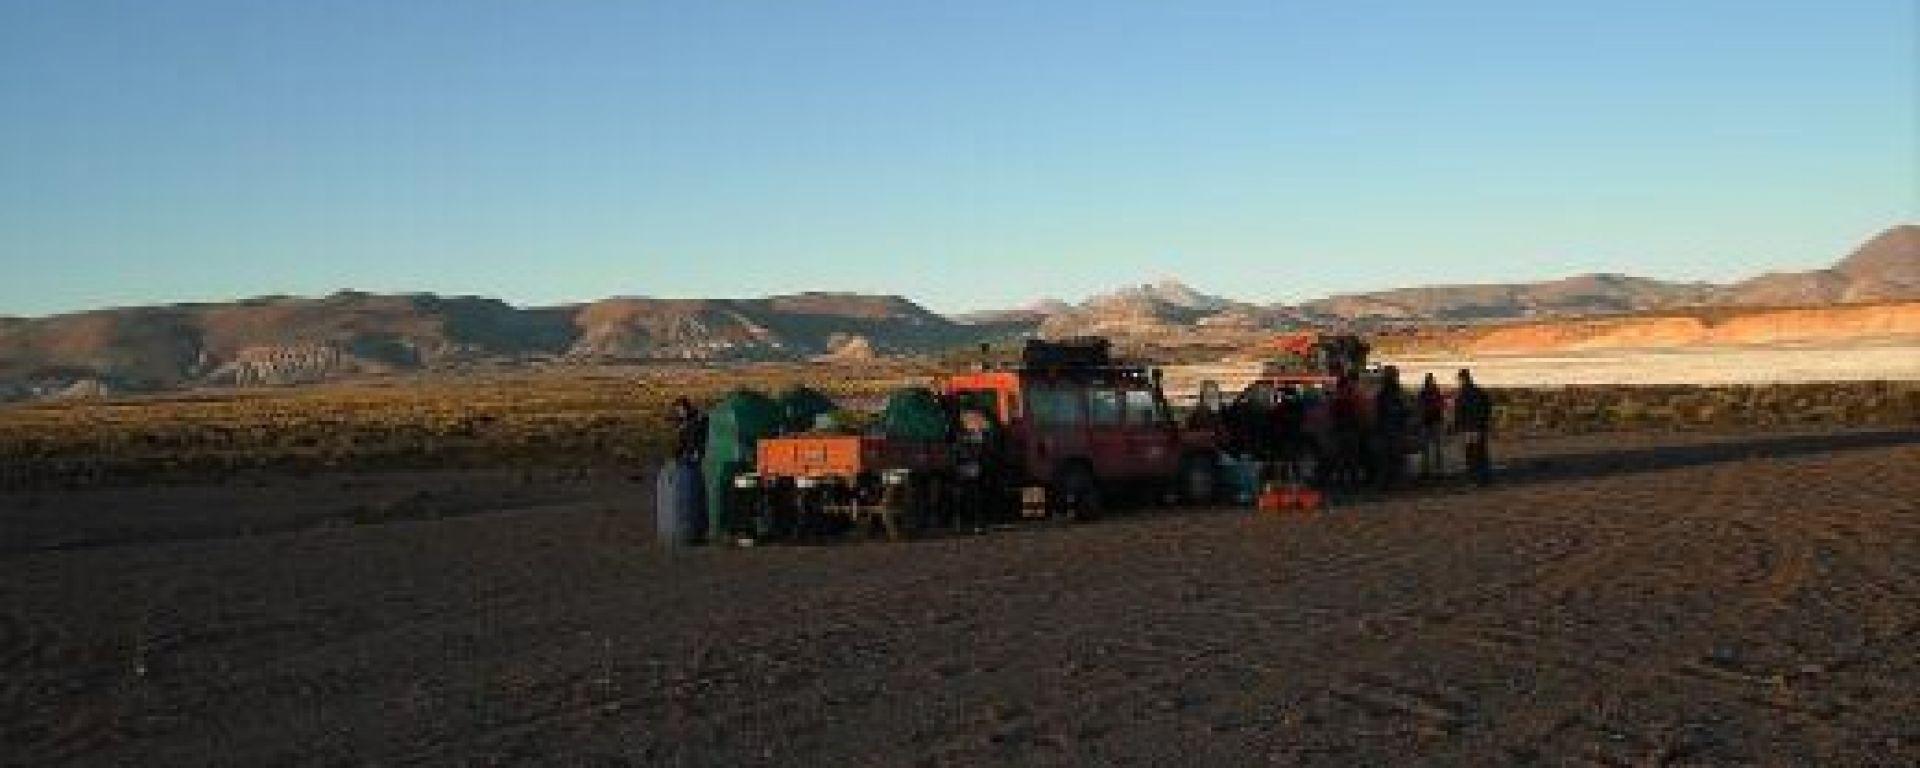 QUINTO GIORNO: DESERTO E VALLI IMMERSE NELLA NATURA